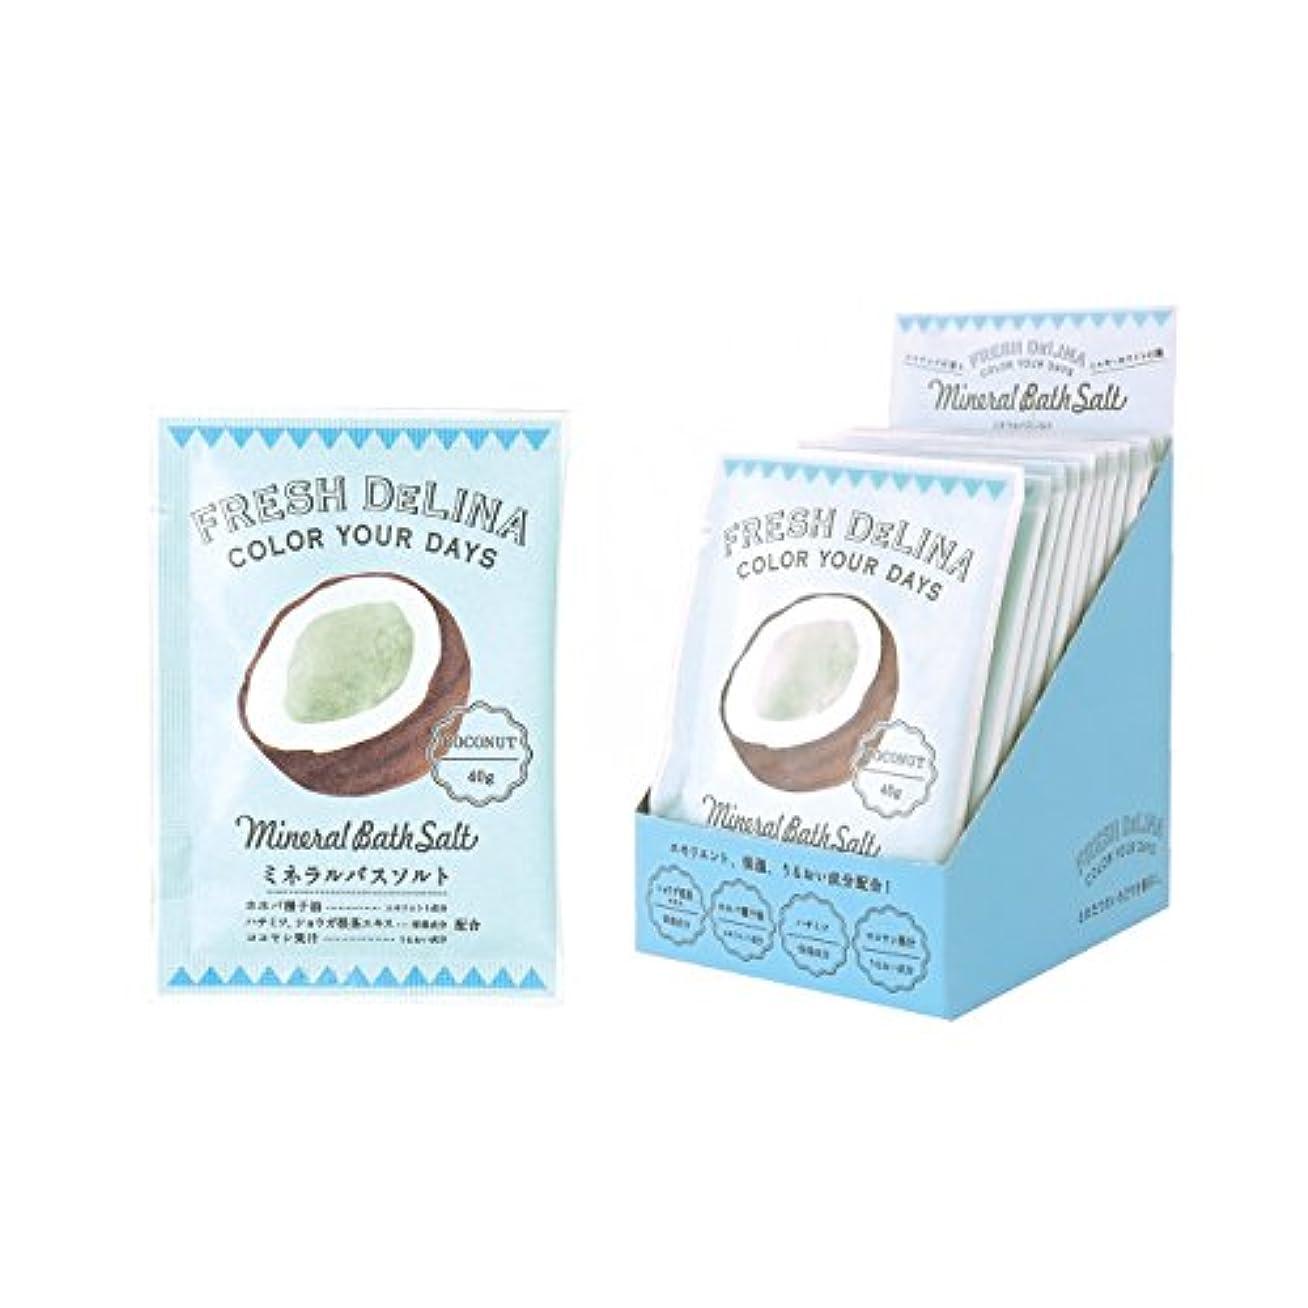 トーク回転受けるフレッシュデリーナ ミネラルバスソルト40g(ココナッツ) 12個 (海塩タイプ入浴料 日本製 甘くジューシーなココナッツの香り)